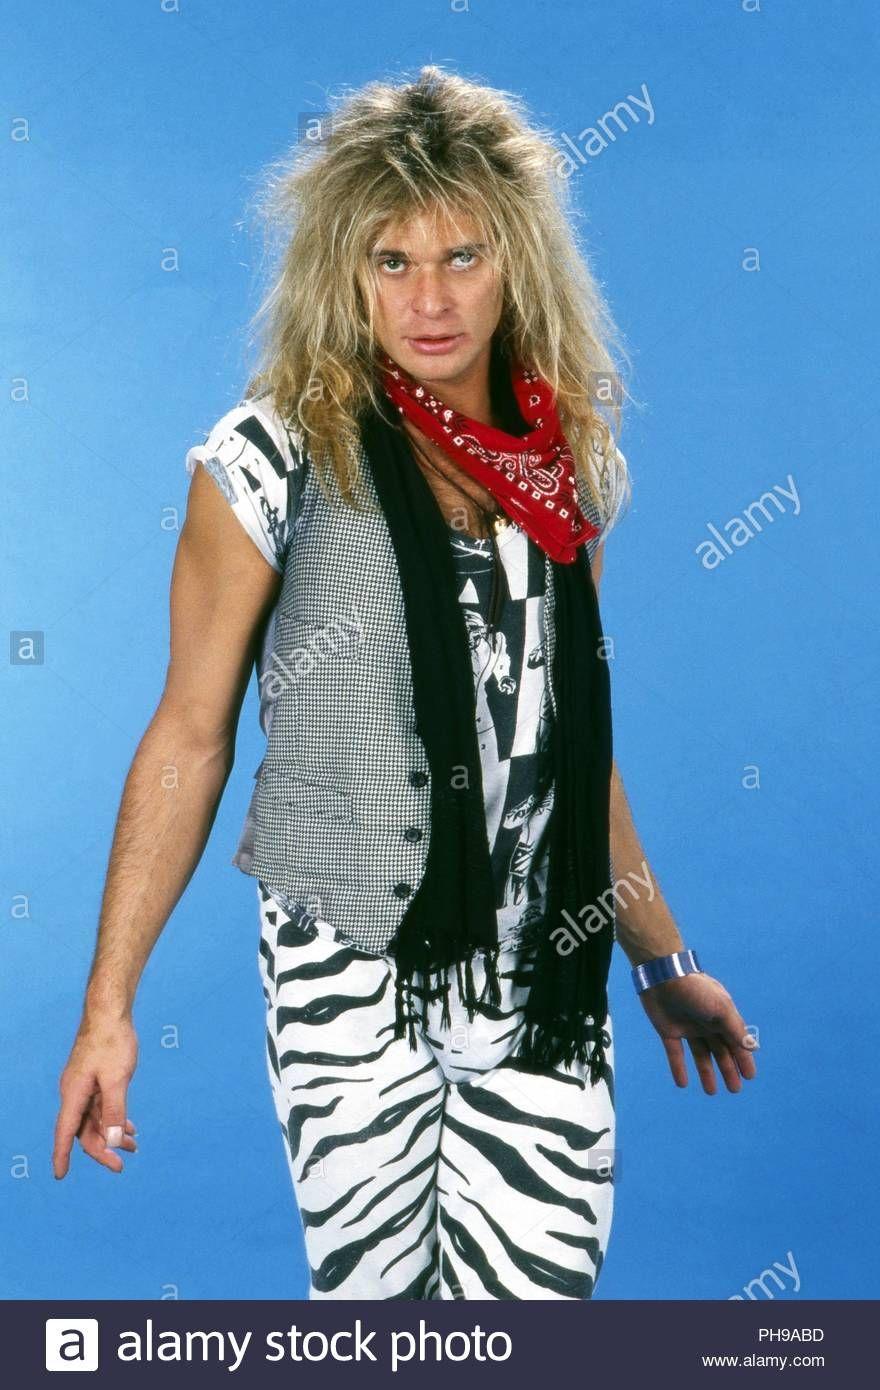 The Diamond Rf David Lee Roth Van Halen Hard Rock